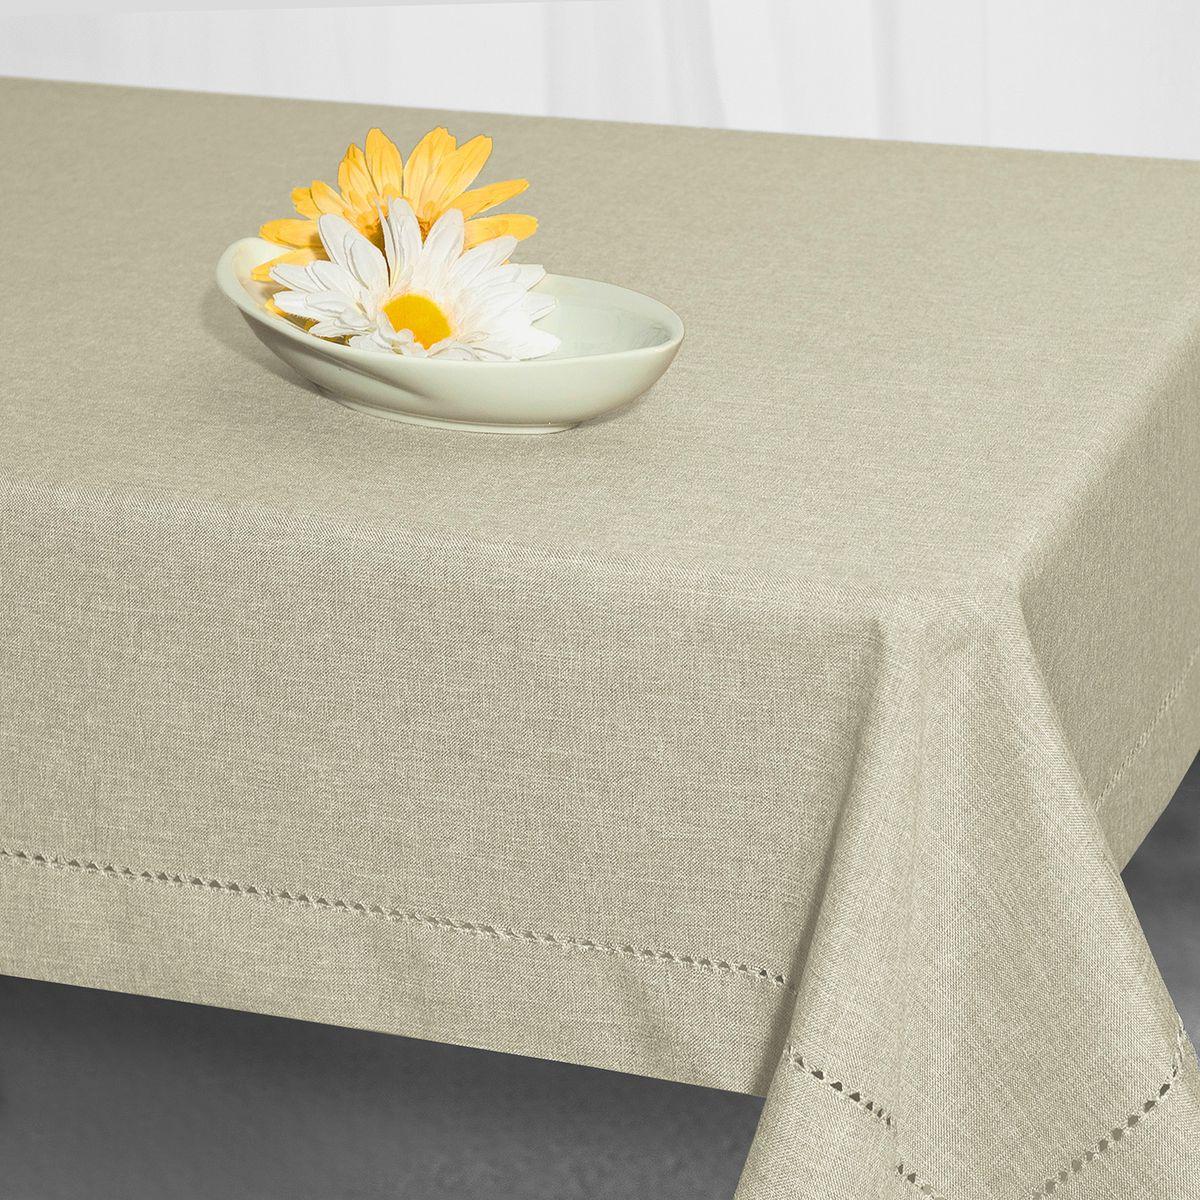 Скатерть Schaefer, прямоугольная, цвет: серый, 135 x 225 см. 07600-449CLP446Стильная скатерть Schaefer выполнена из полиэстера.Изделия из полиэстера легко стирать: они не мнутся, не садятся и быстро сохнут, они более долговечны, чем изделия из натуральных волокон.Немецкая компания Schaefer создана в 1921 году. На протяжении всего времени существования она создает уникальные коллекции домашнего текстиля для гостиных, спален, кухонь и ванных комнат. Дизайнерские идеи немецких художников компании Schaefer воплощаются в текстильных изделиях, которые сделают ваш дом красивее и уютнее и не останутся незамеченными вашими гостями. Дарите себе и близким красоту каждый день!